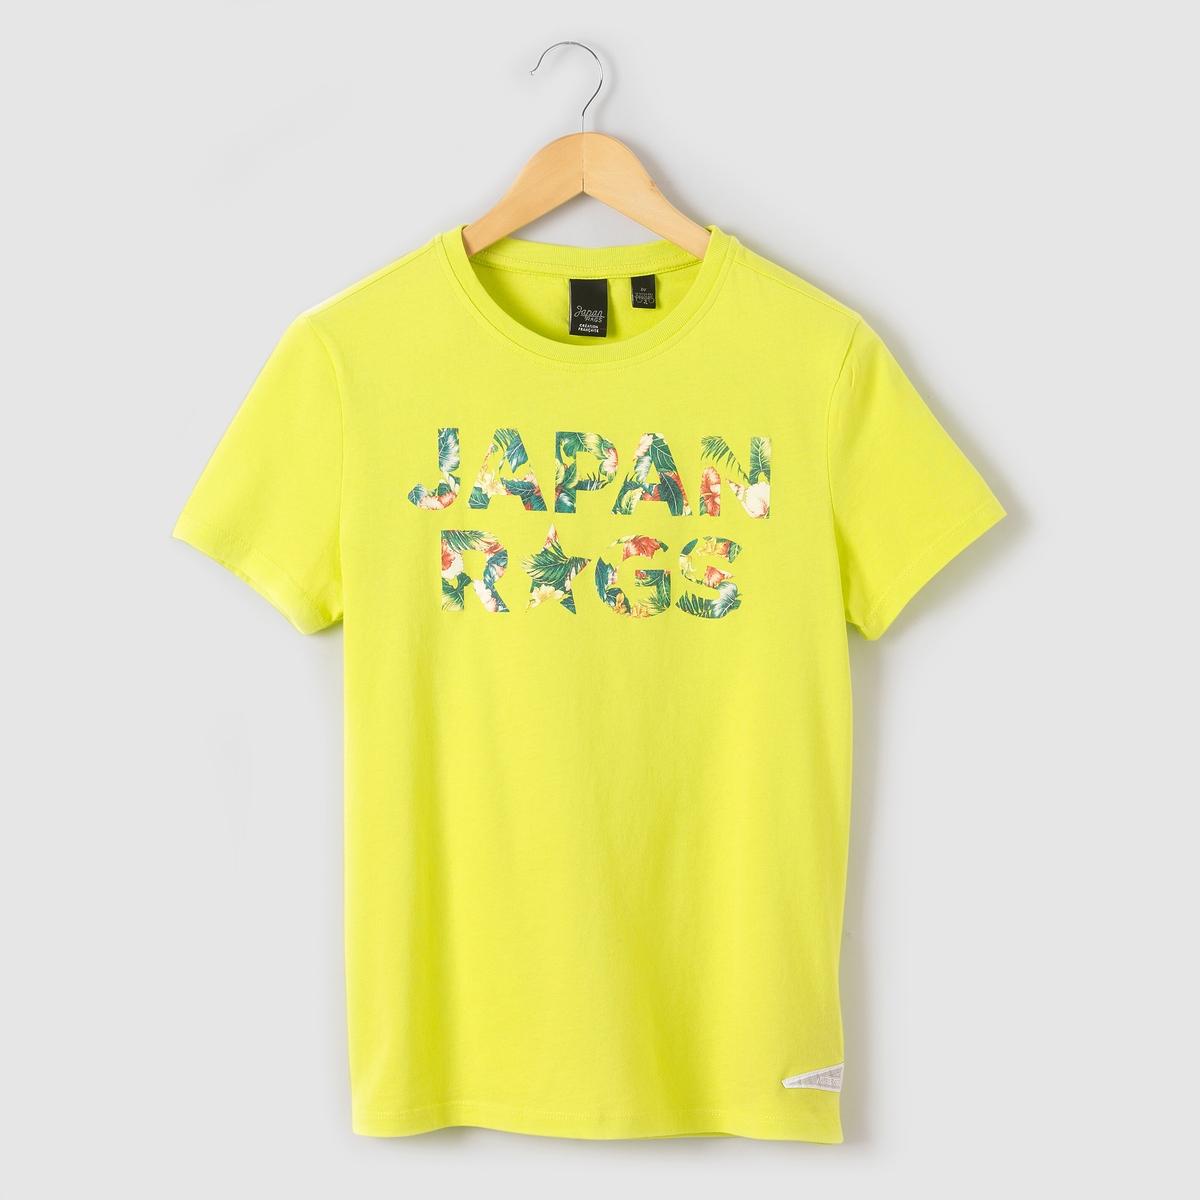 Футболка 8-16 летФутболка с короткими рукавами и рисунком JAPAN RAGS спереди. Круглый вырез. Состав и описаниеМатериал       джерси, 100% хлопокМарка      JAPAN RAGS УходМашинная стирка при 30 °С с вещами схожих цветовСтирать и гладить с изнаночной стороны<br><br>Цвет: зеленый